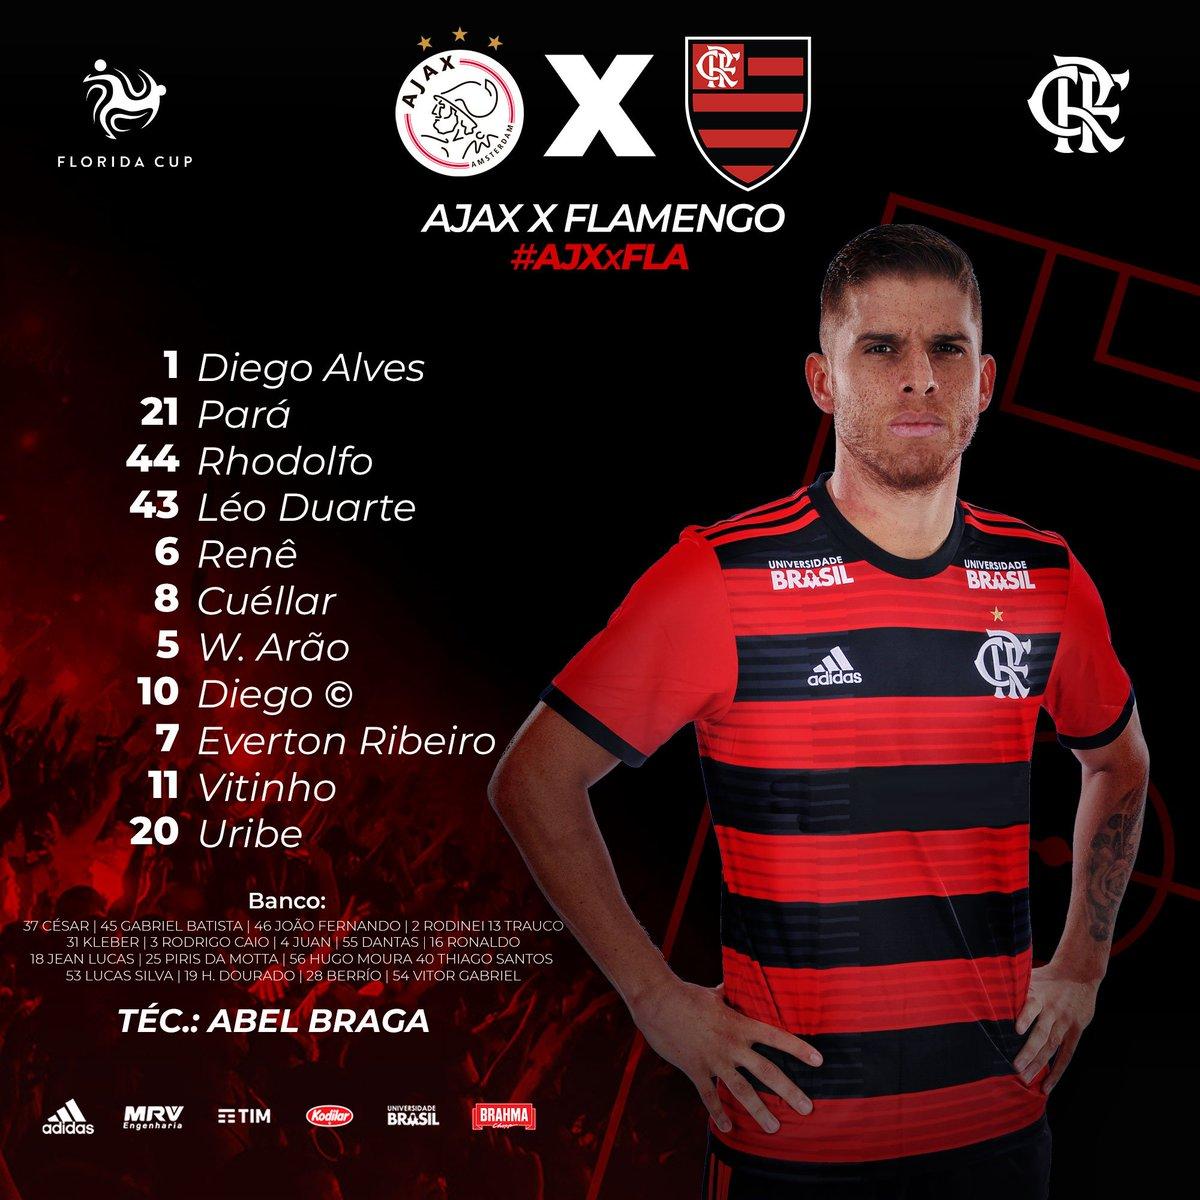 Flamengo's photo on #AJXxFLA